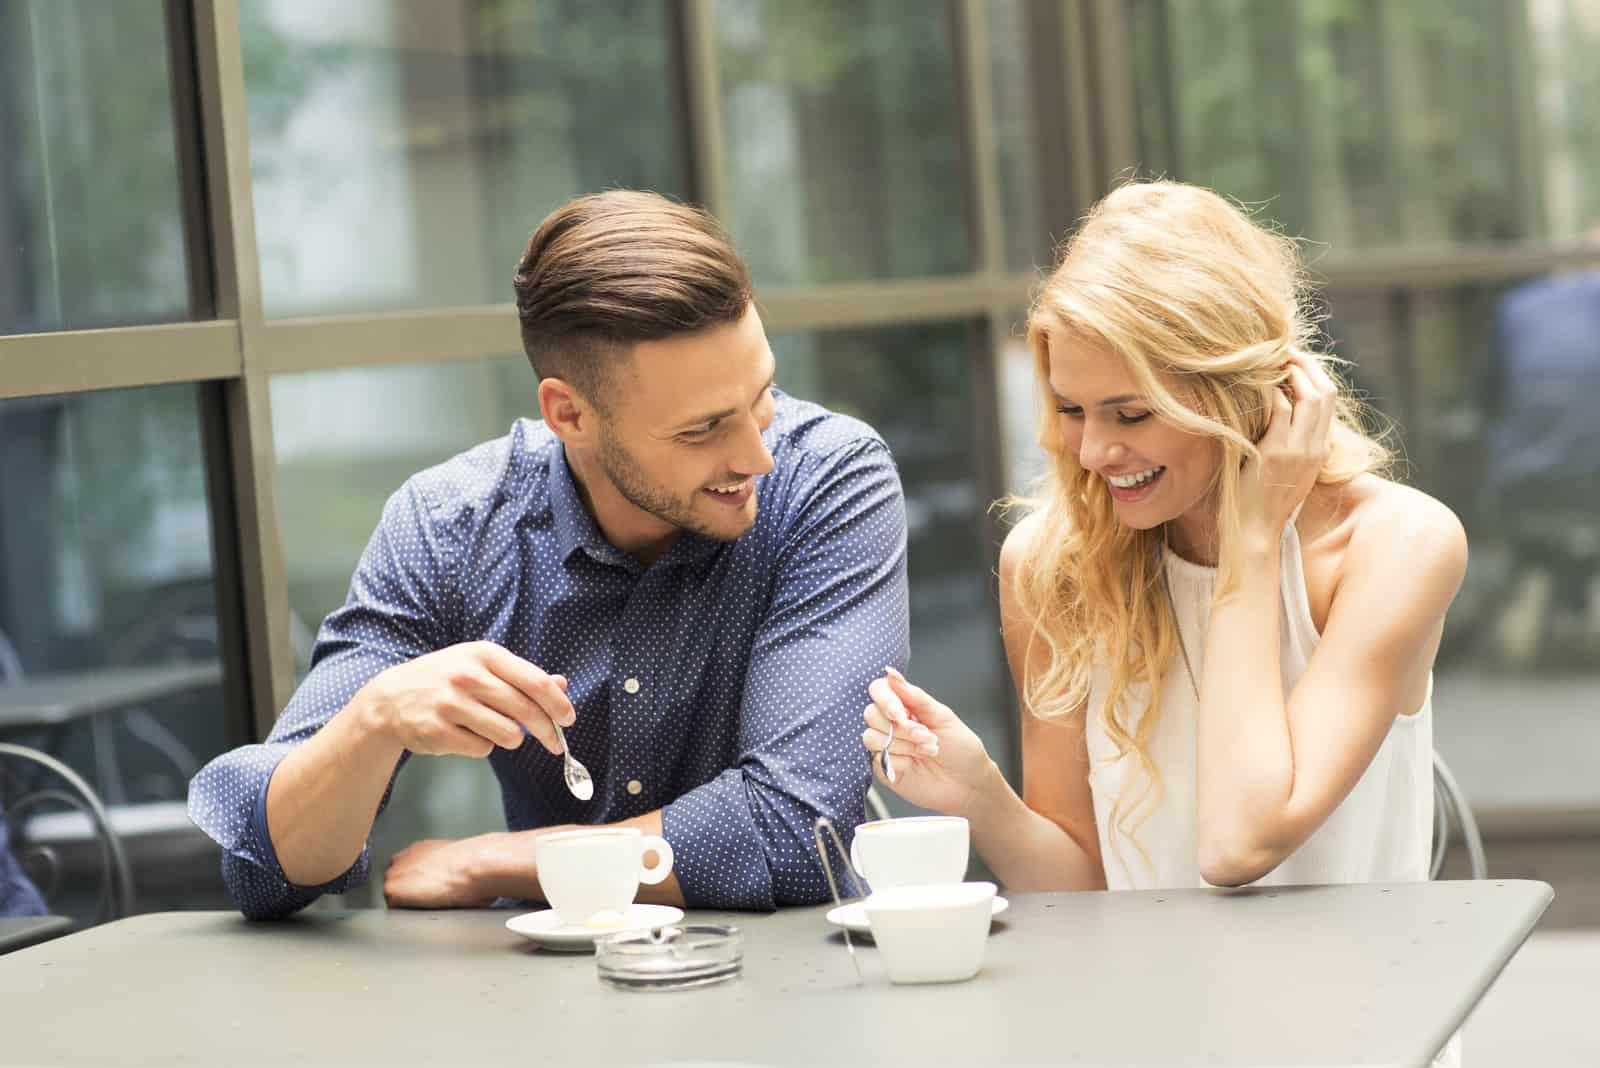 un homme et une femme sont assis à boire du café à l'extérieur